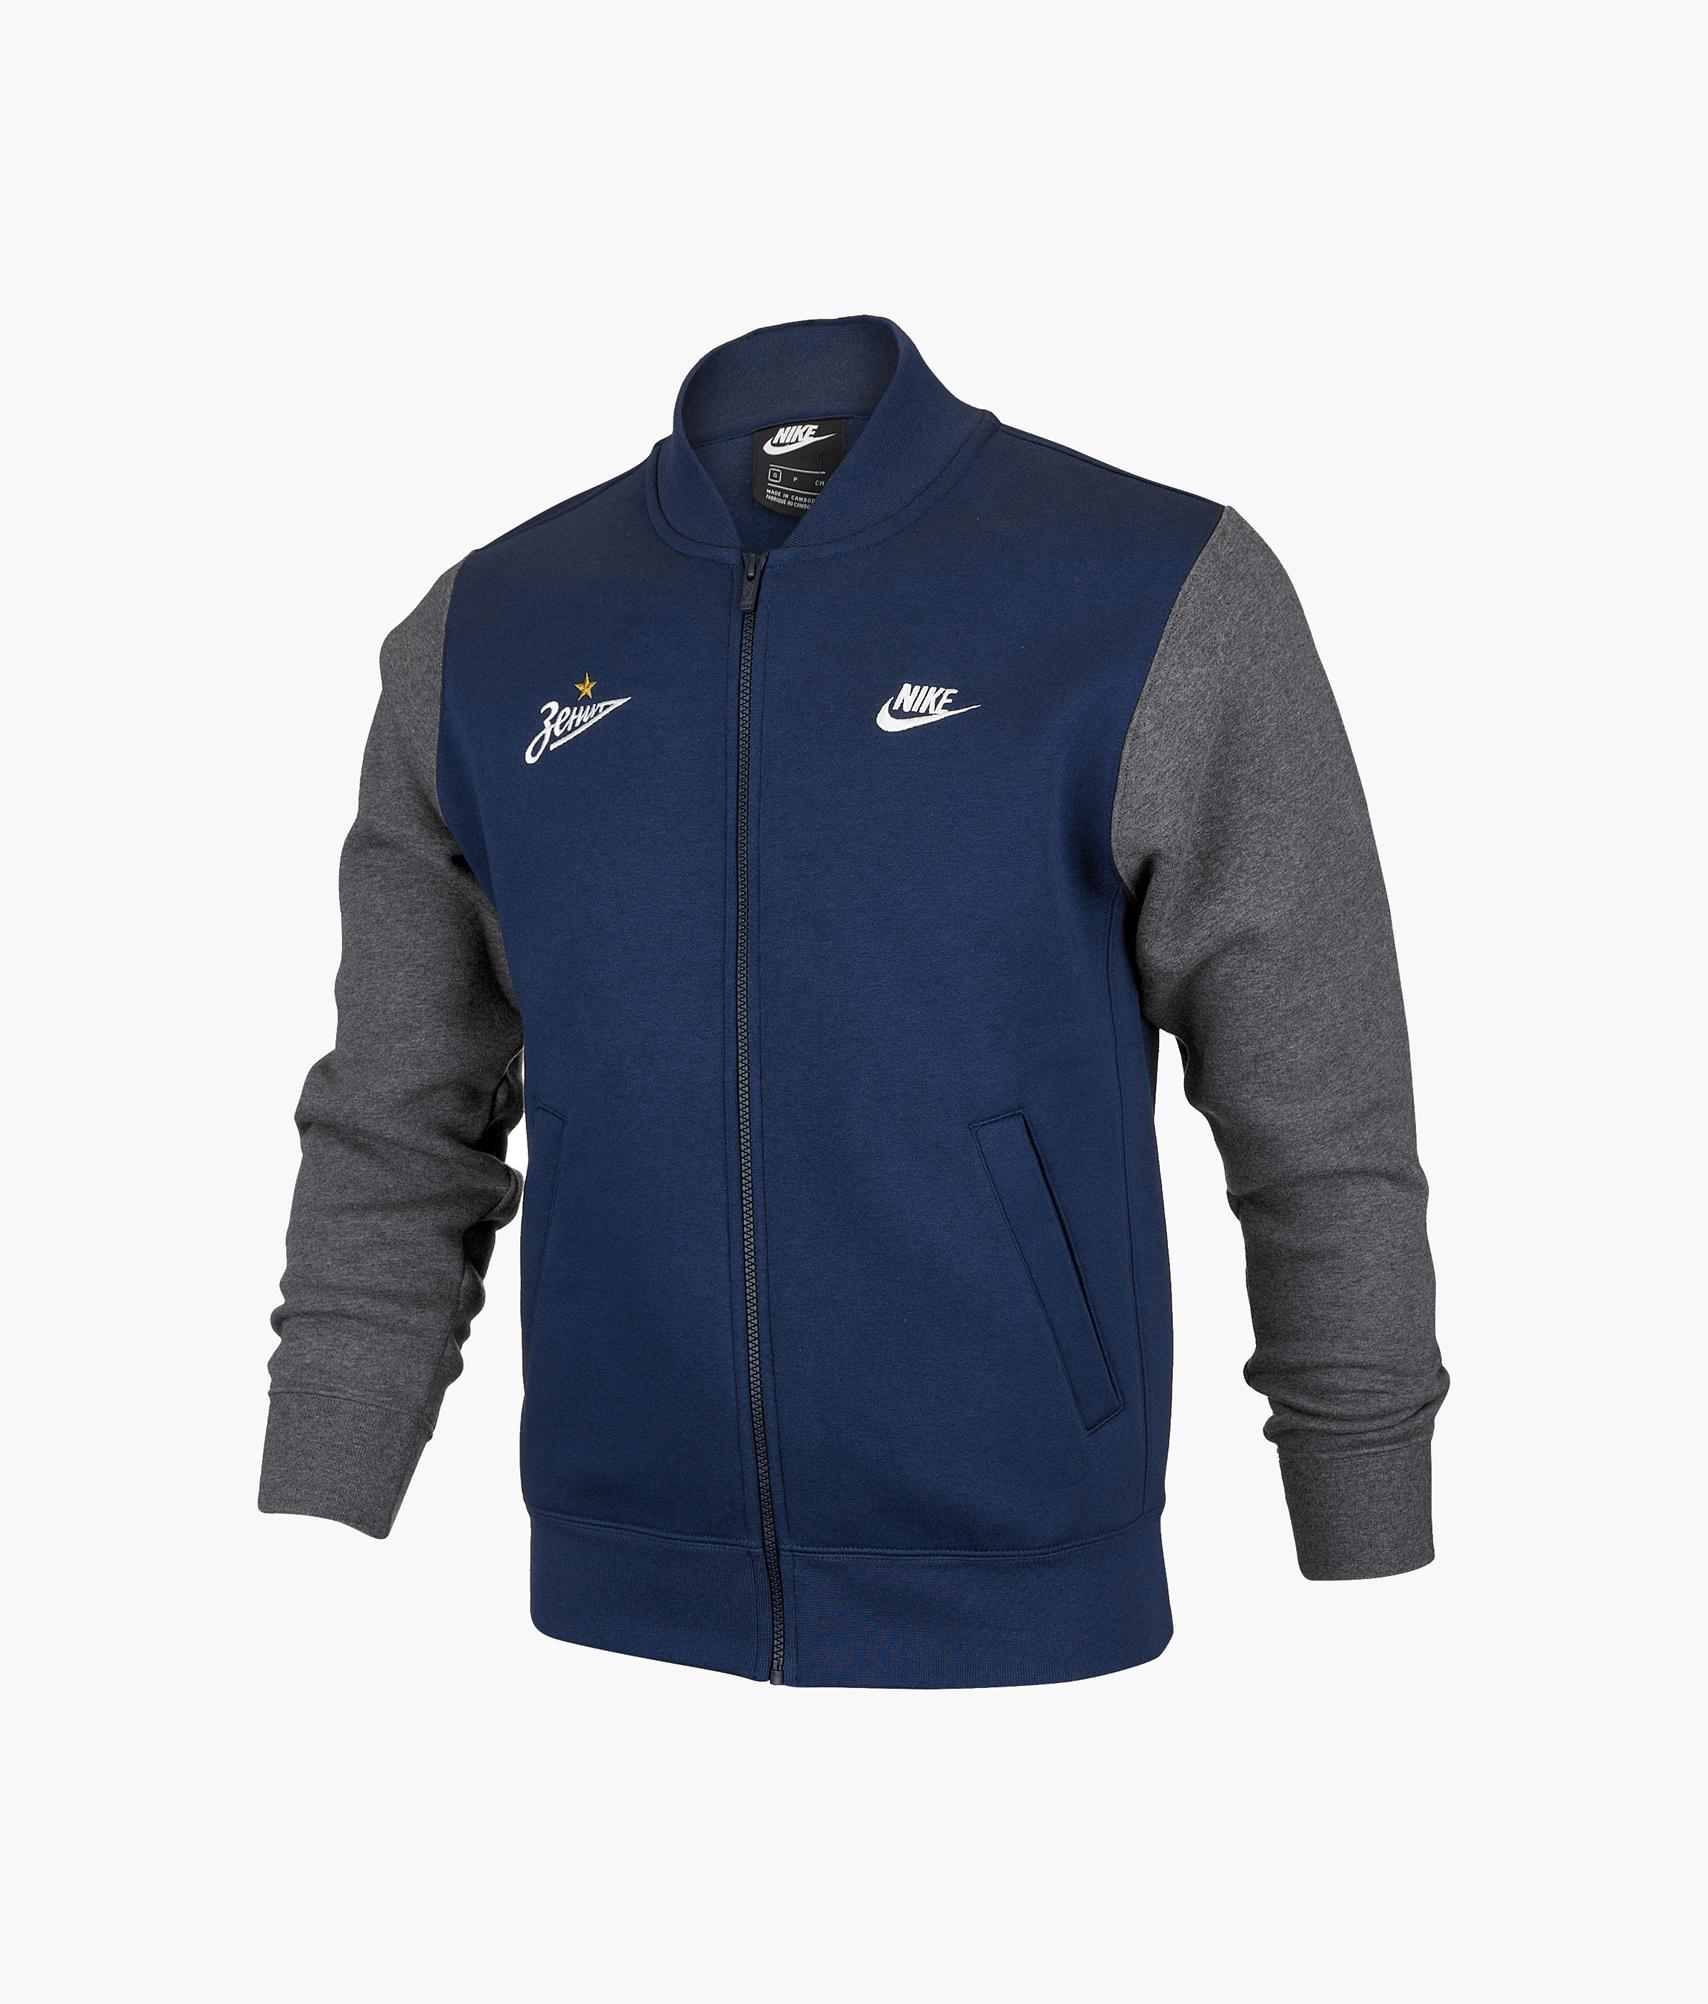 Куртка-бомбер Nike Nike Цвет-Синий куртка утепленная подростковая nike цвет синий